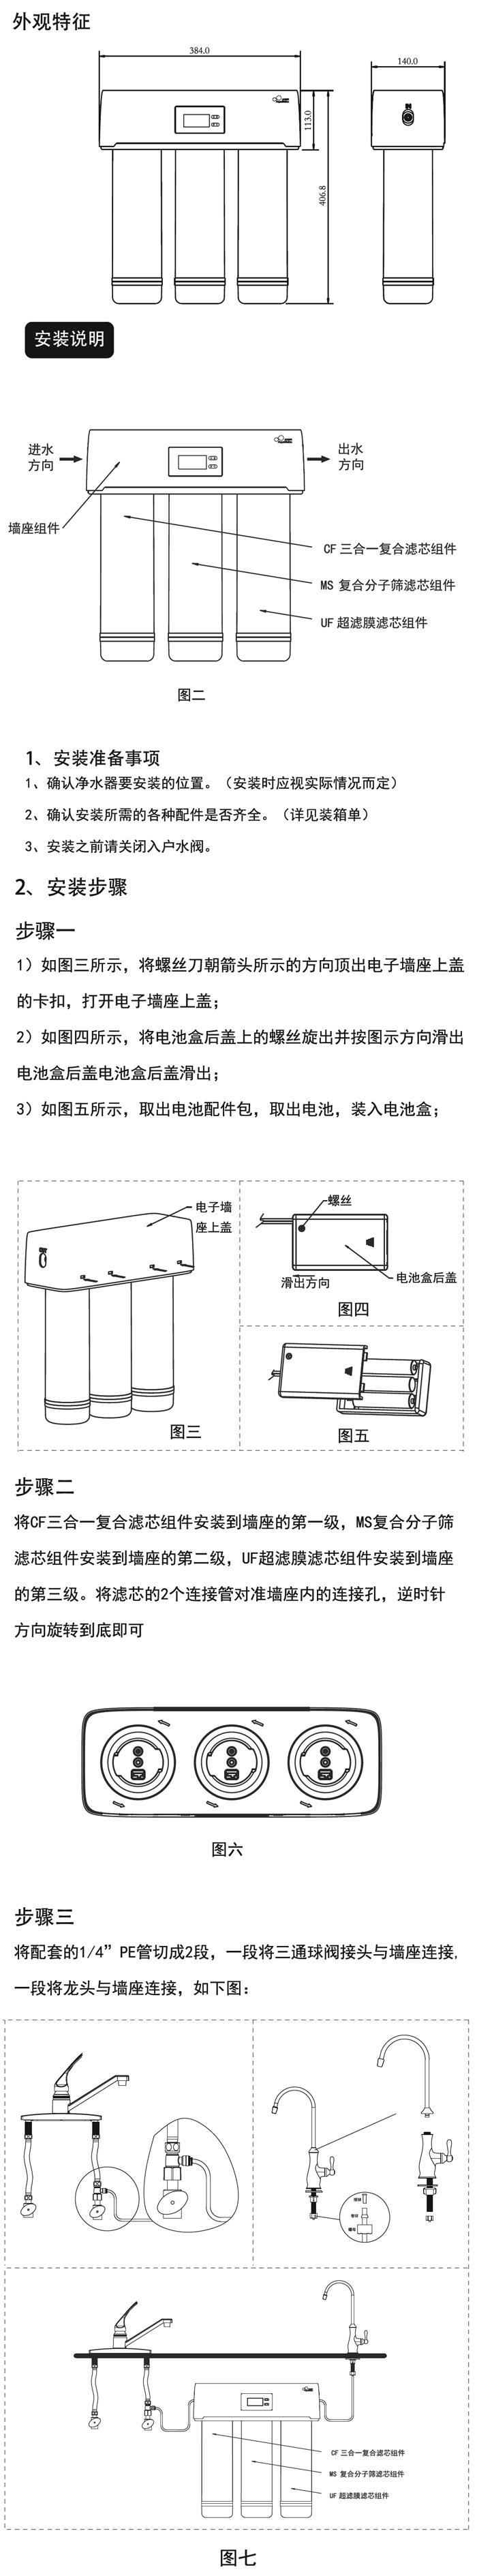 水鹿卫浴-厨房-净水器-国际品牌同厂同款三级超滤(电显)直饮机AM-13101